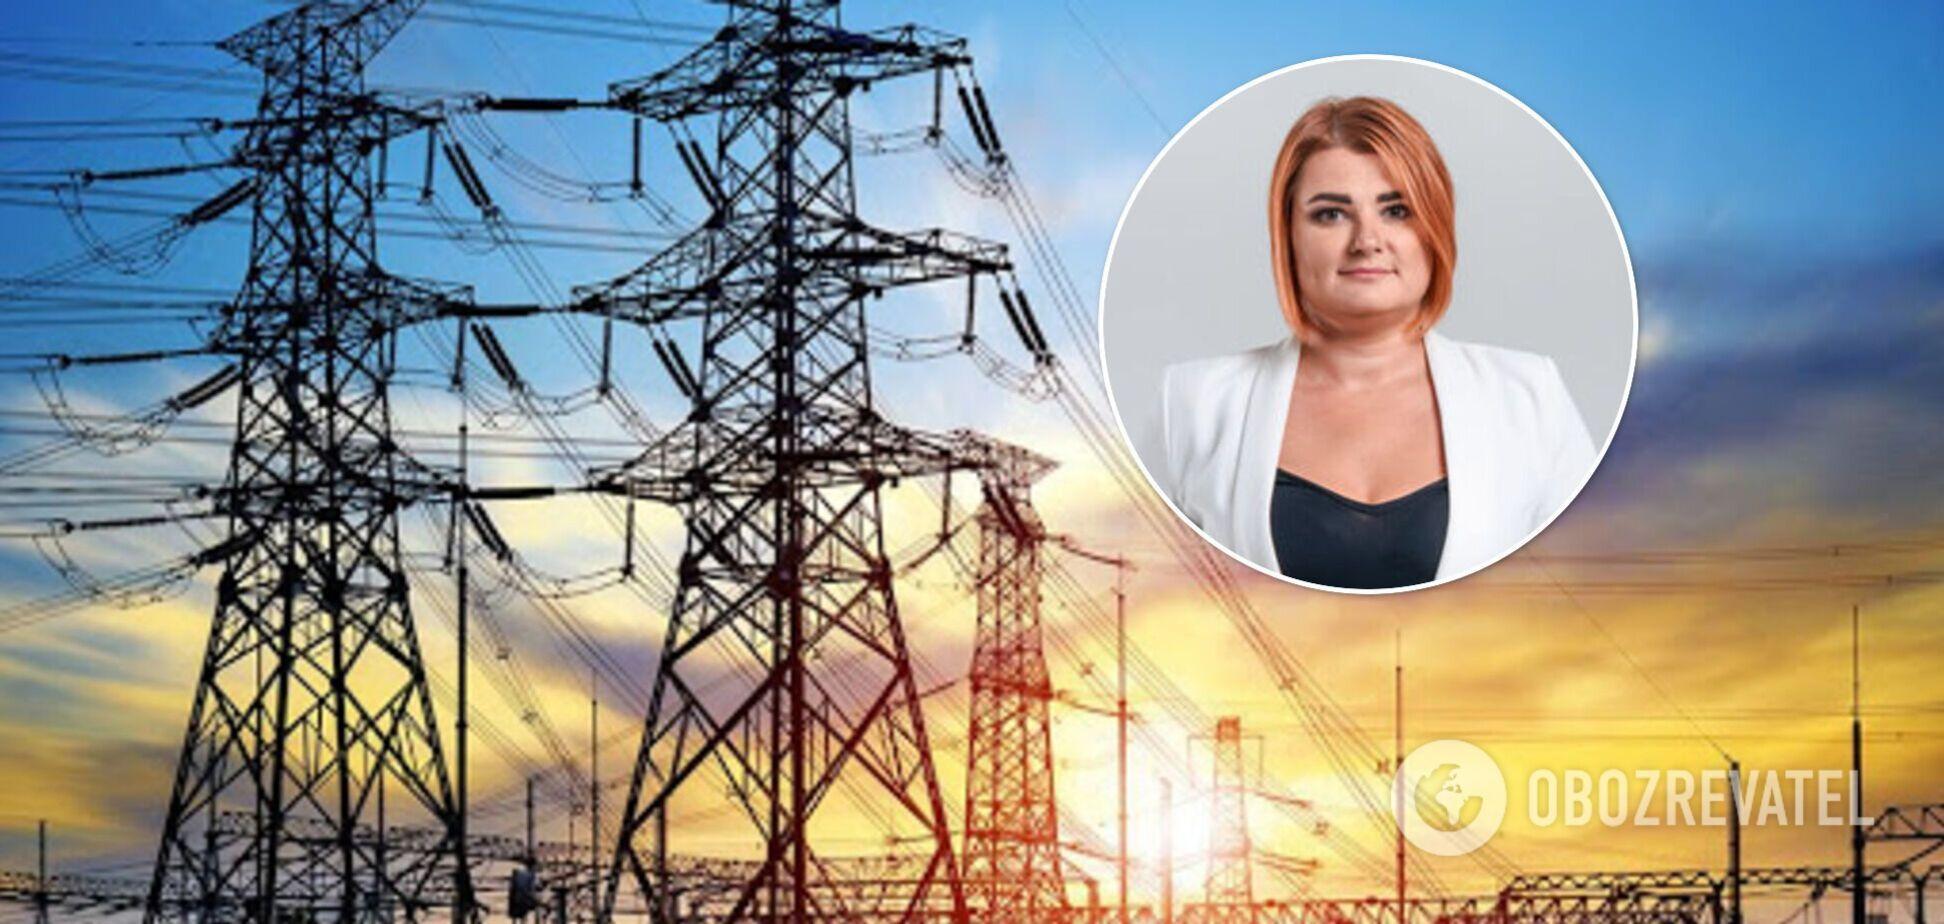 НКРЕКП залишила трейдерам можливості для махінацій на енергоринку, – нардеп СН